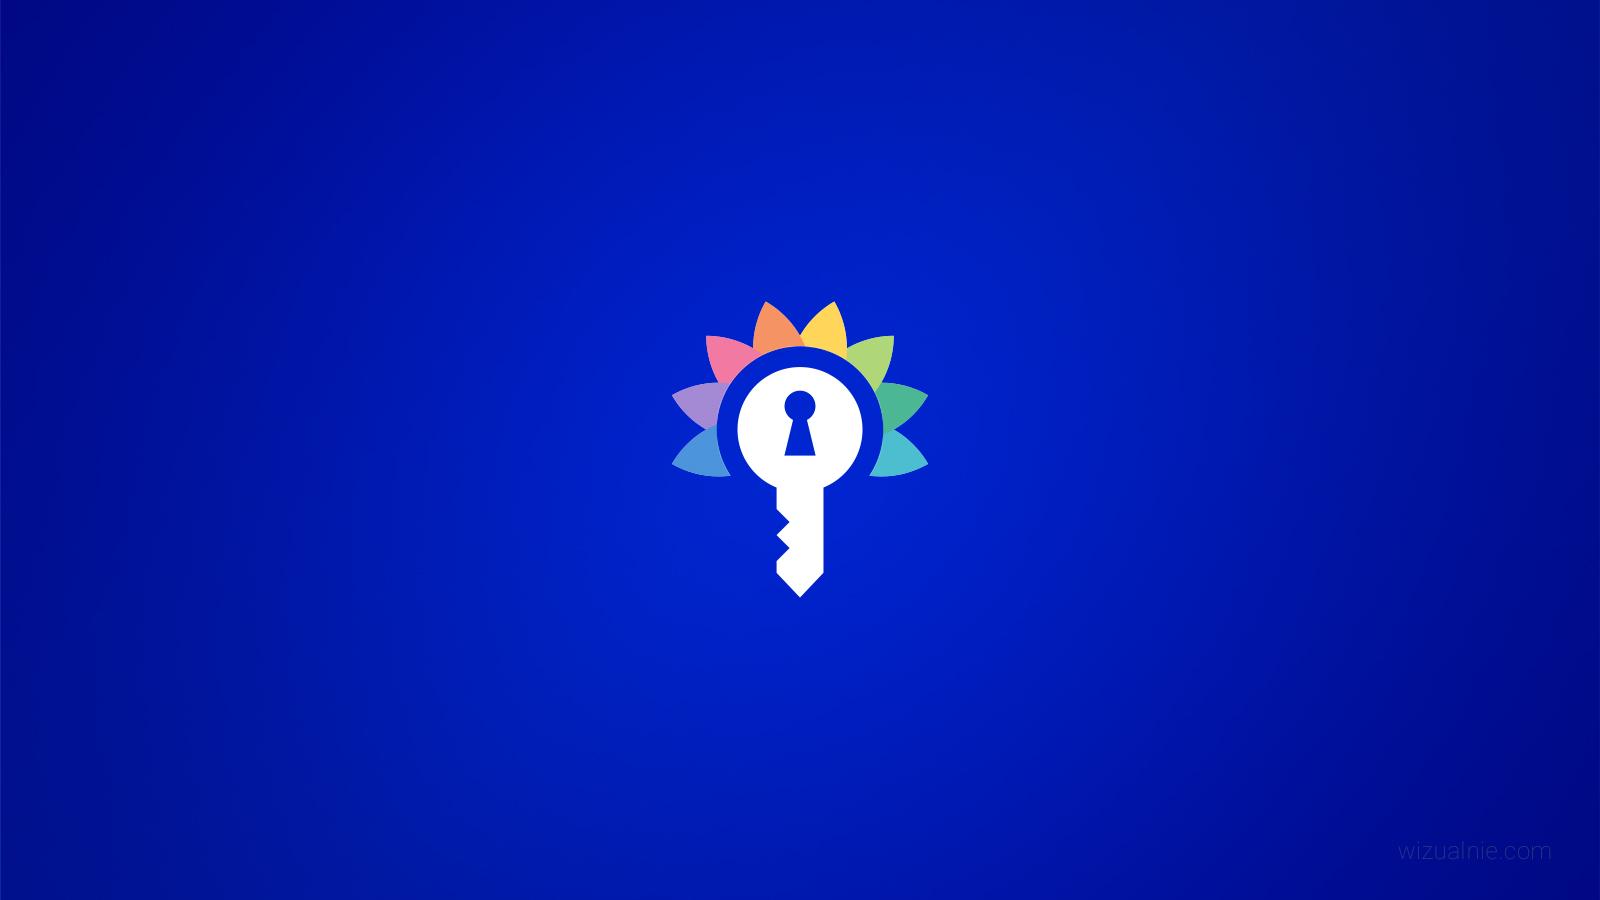 wizualnie-portfolio-fiordi-logo